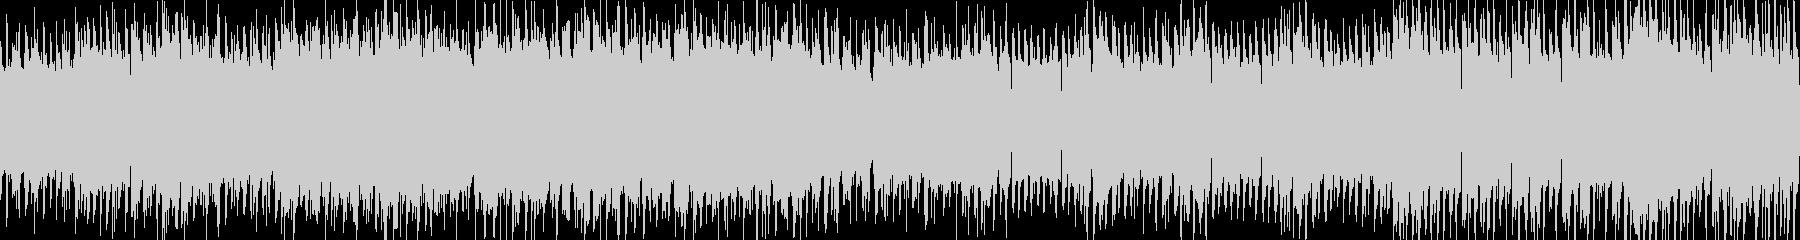 【電子音サウンド】浮遊感ループBGMの未再生の波形